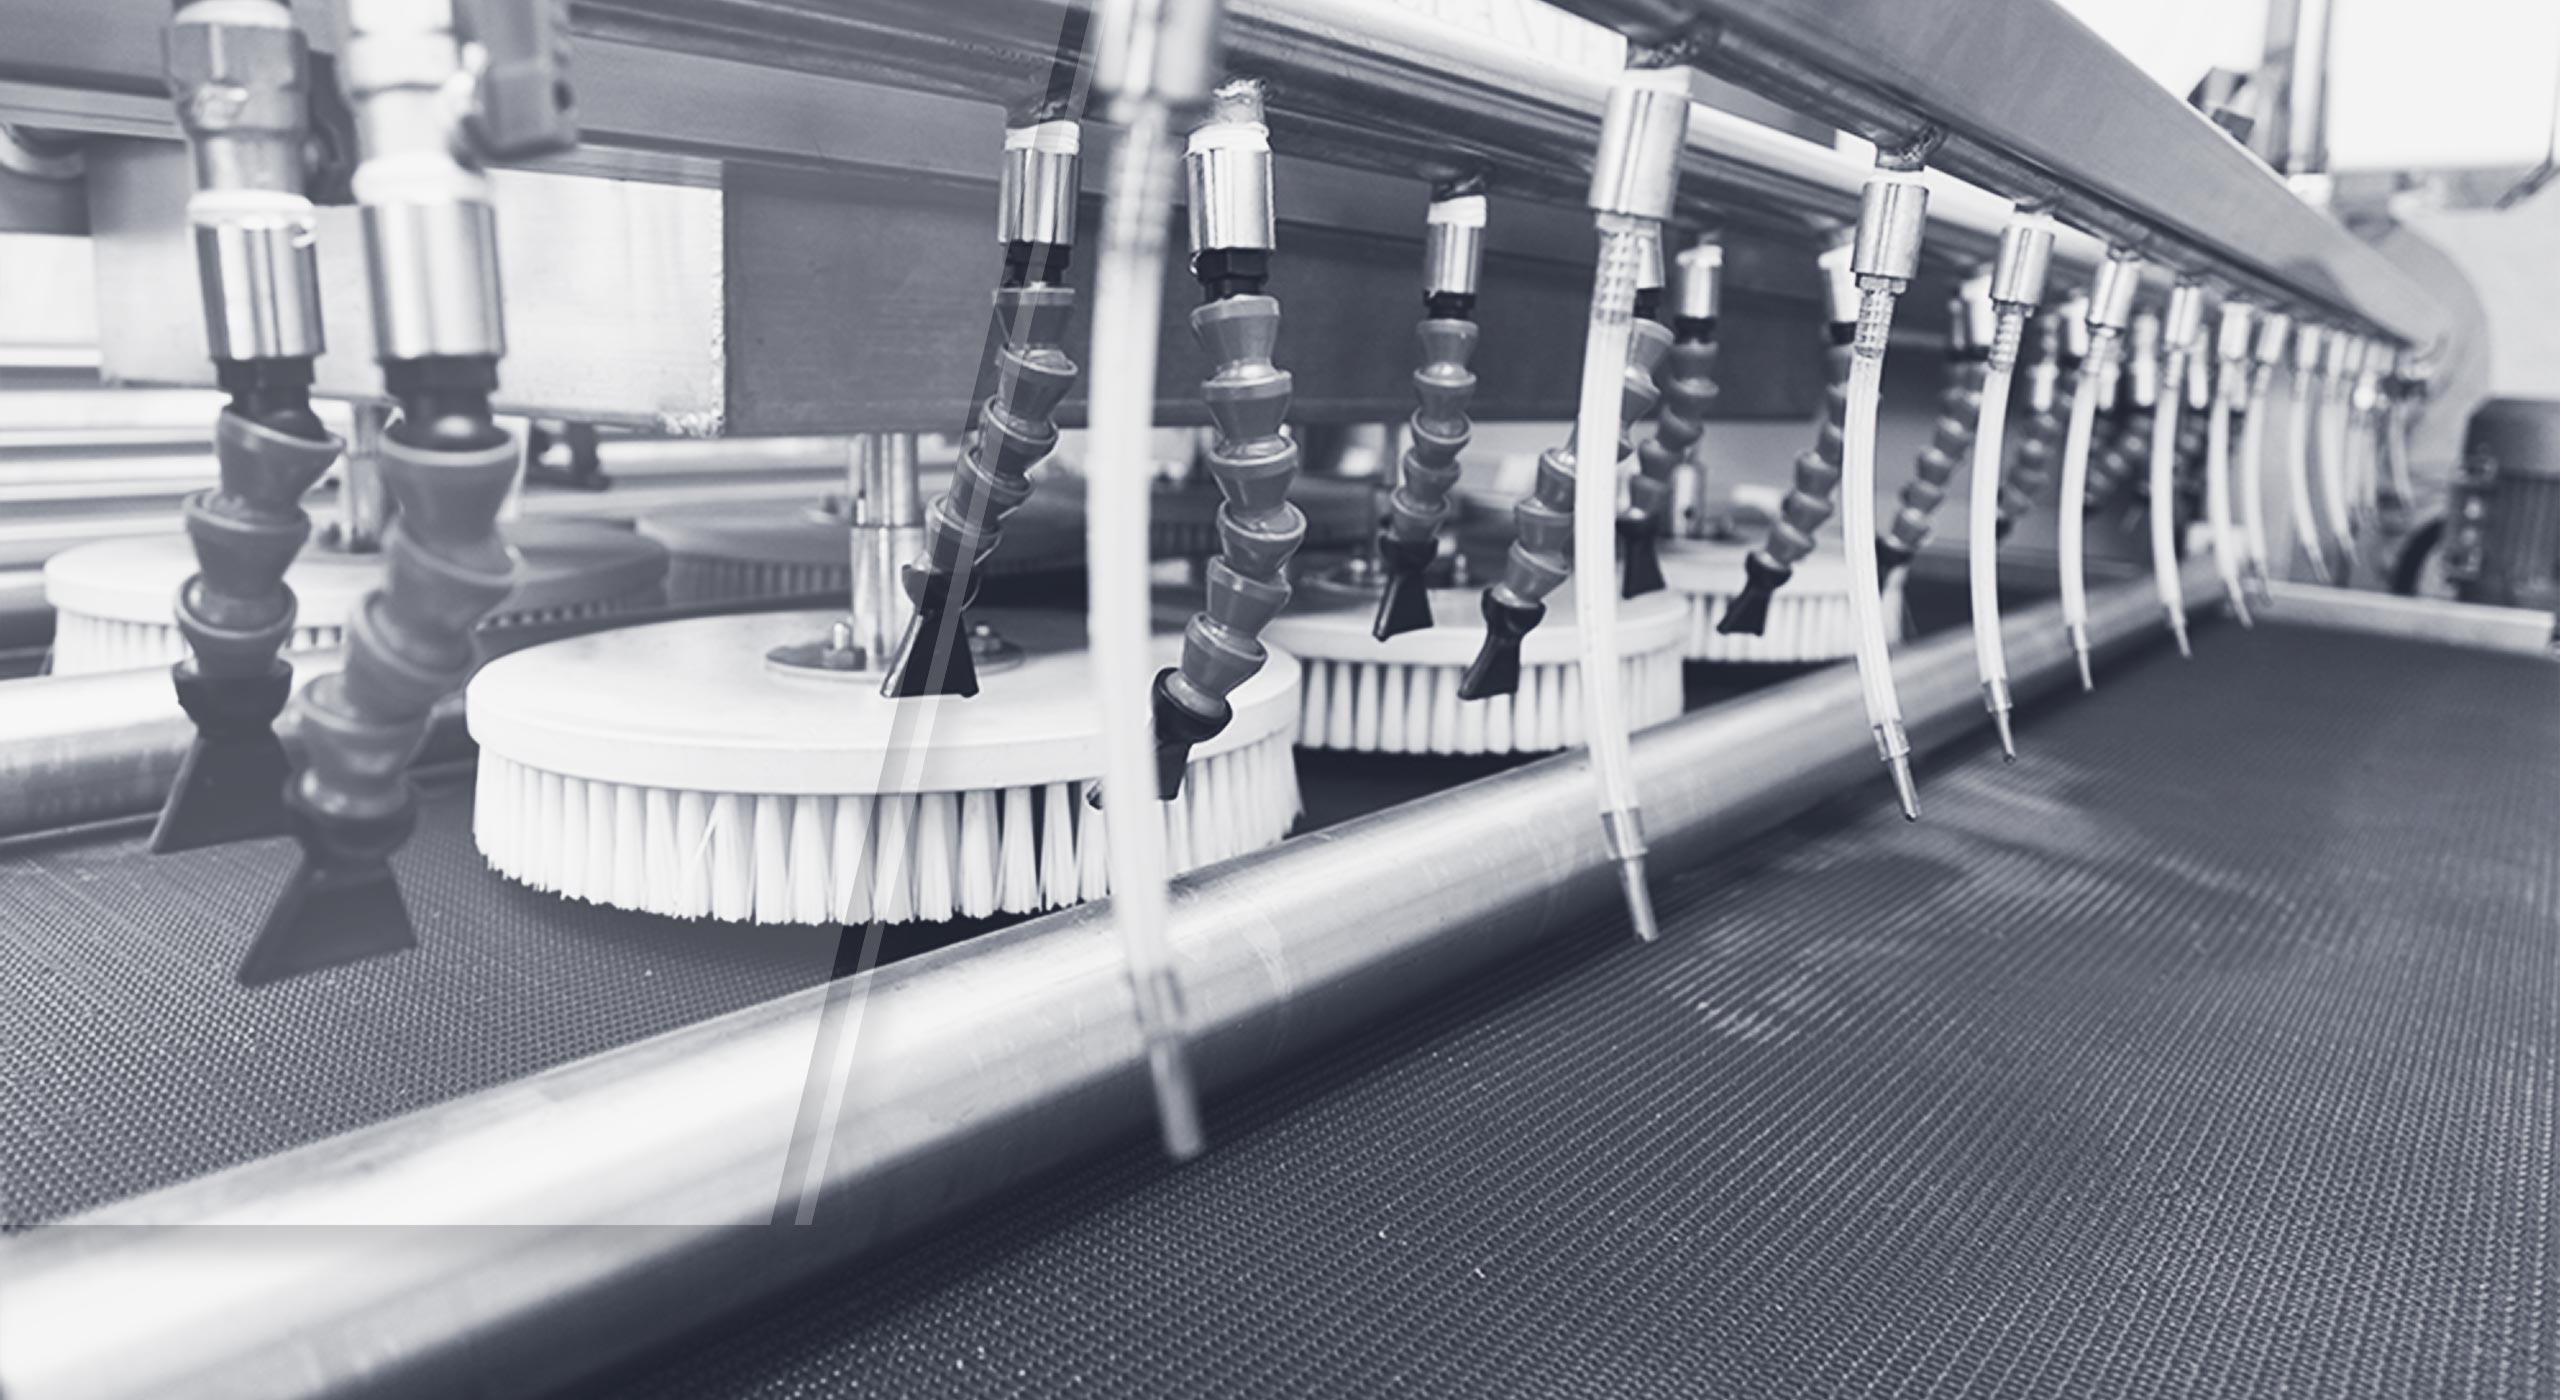 درباره ما - درباره قالیشویی پارسیان - قالیشویی مجاز - بهترین قالیشویی - قالیشویی در کرج - خدمات قالیشویی - برترین قالیشویی در کرج